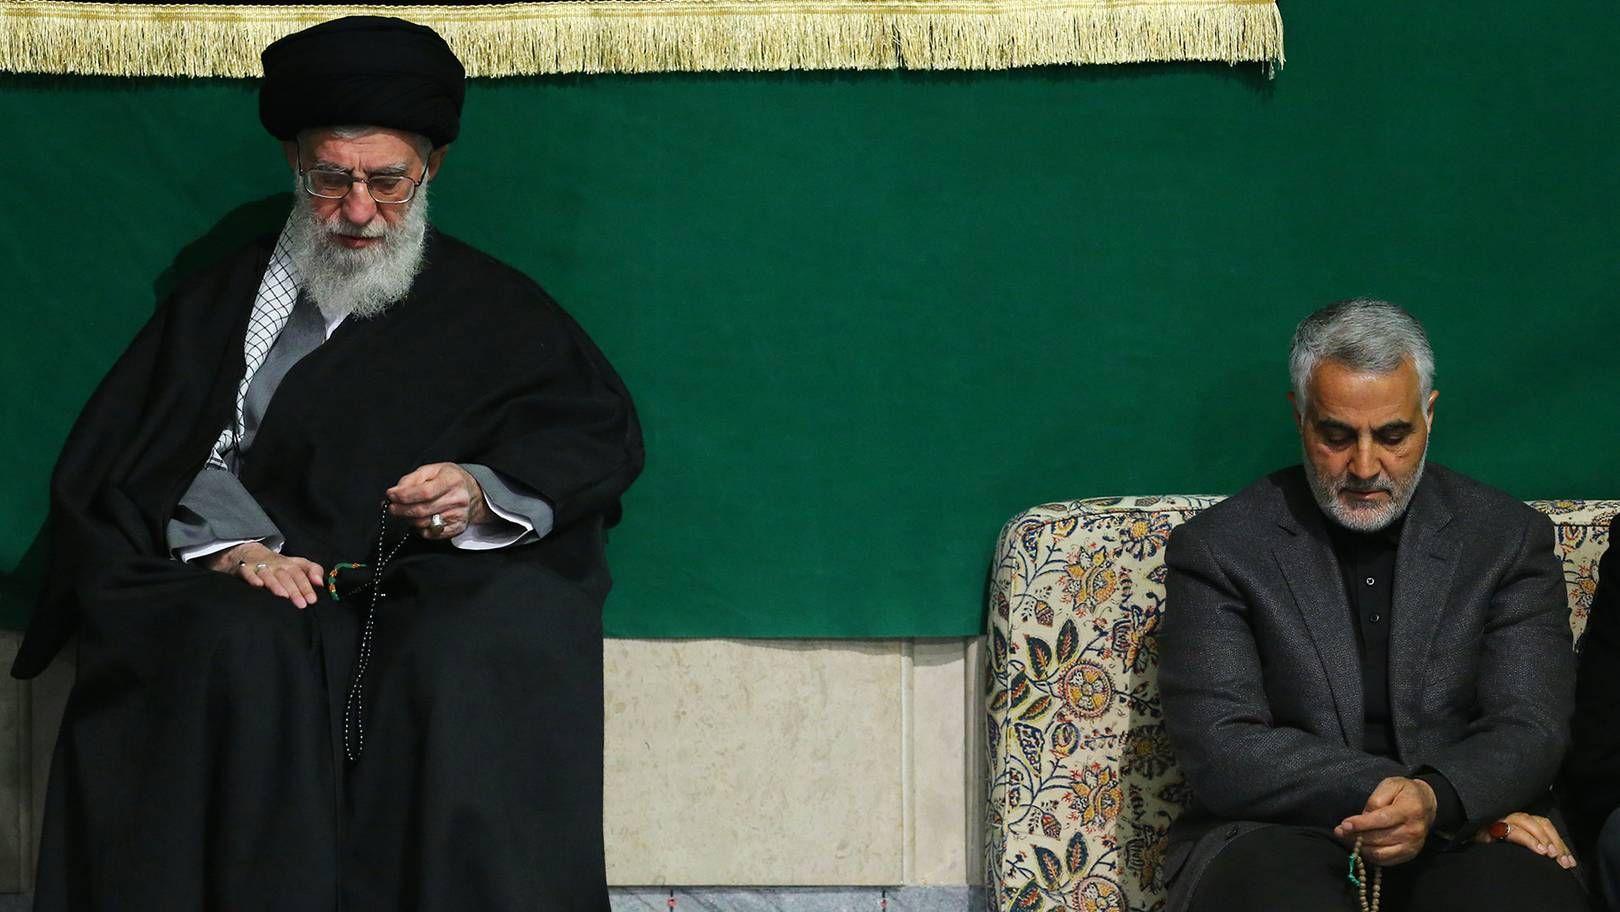 20200103_15-12-Американцы убили главу иранской спецслужбы КСИР Сулеймани — реакция мира-pic1